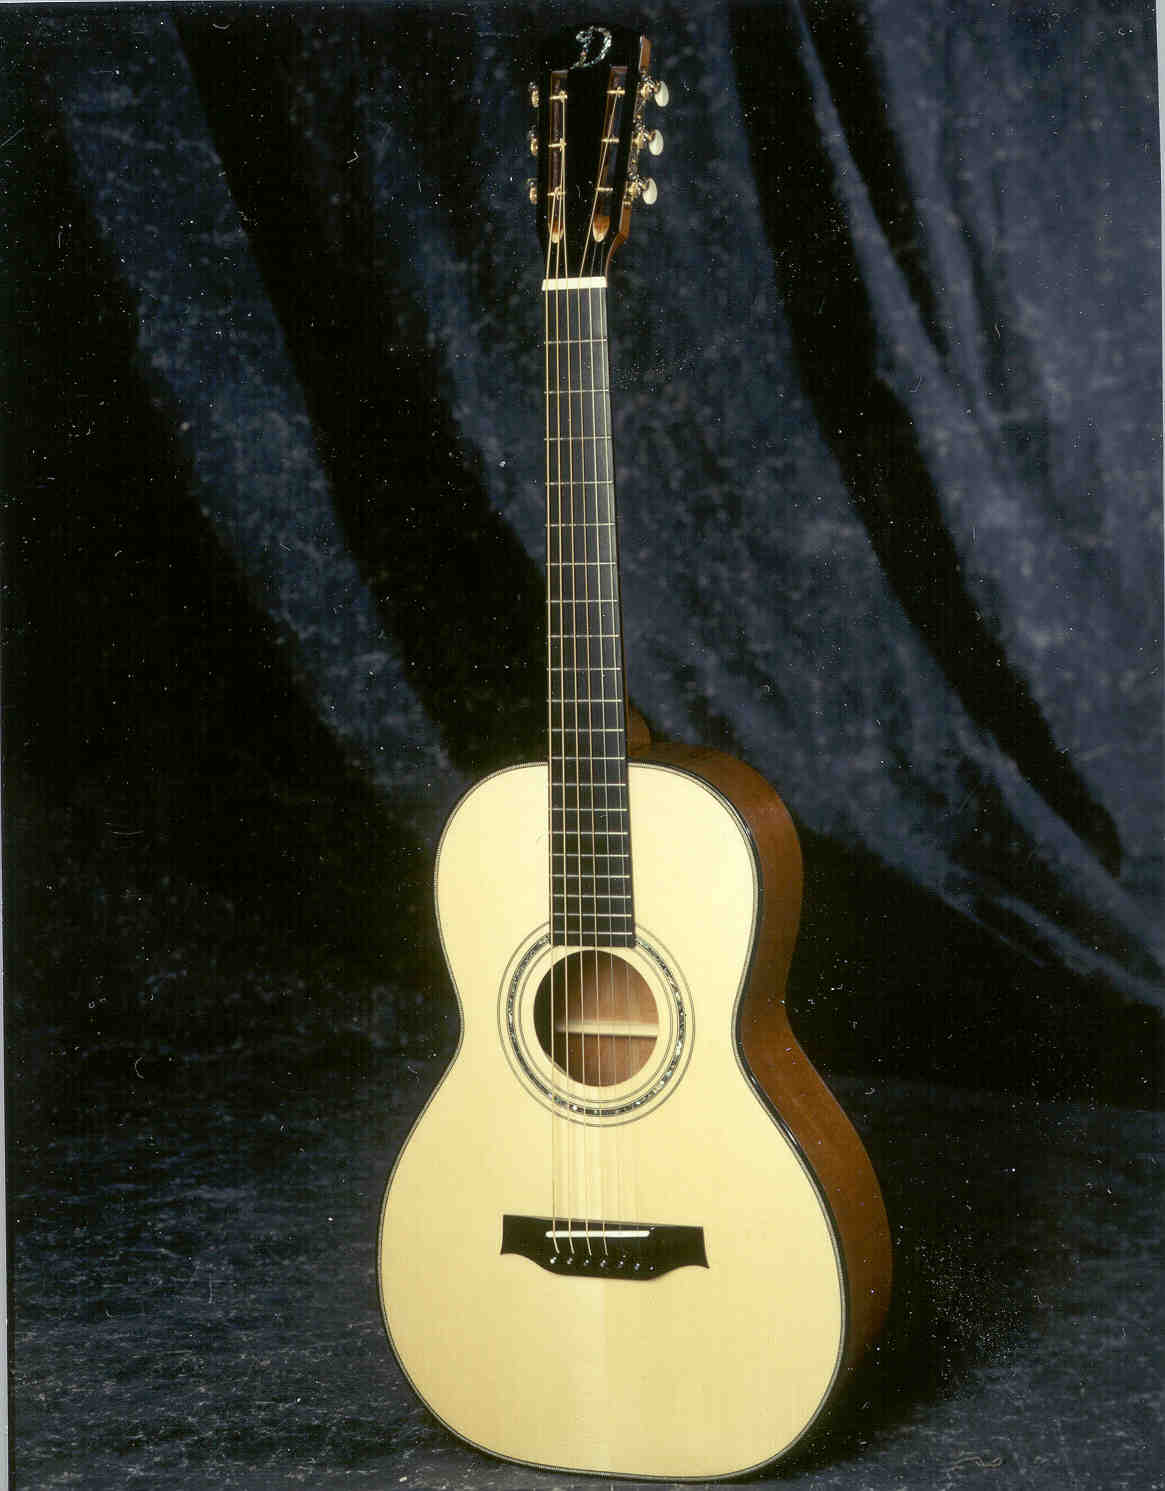 17-DEFRNT300-Guitar-Luthier-LuthierDB-Image-8